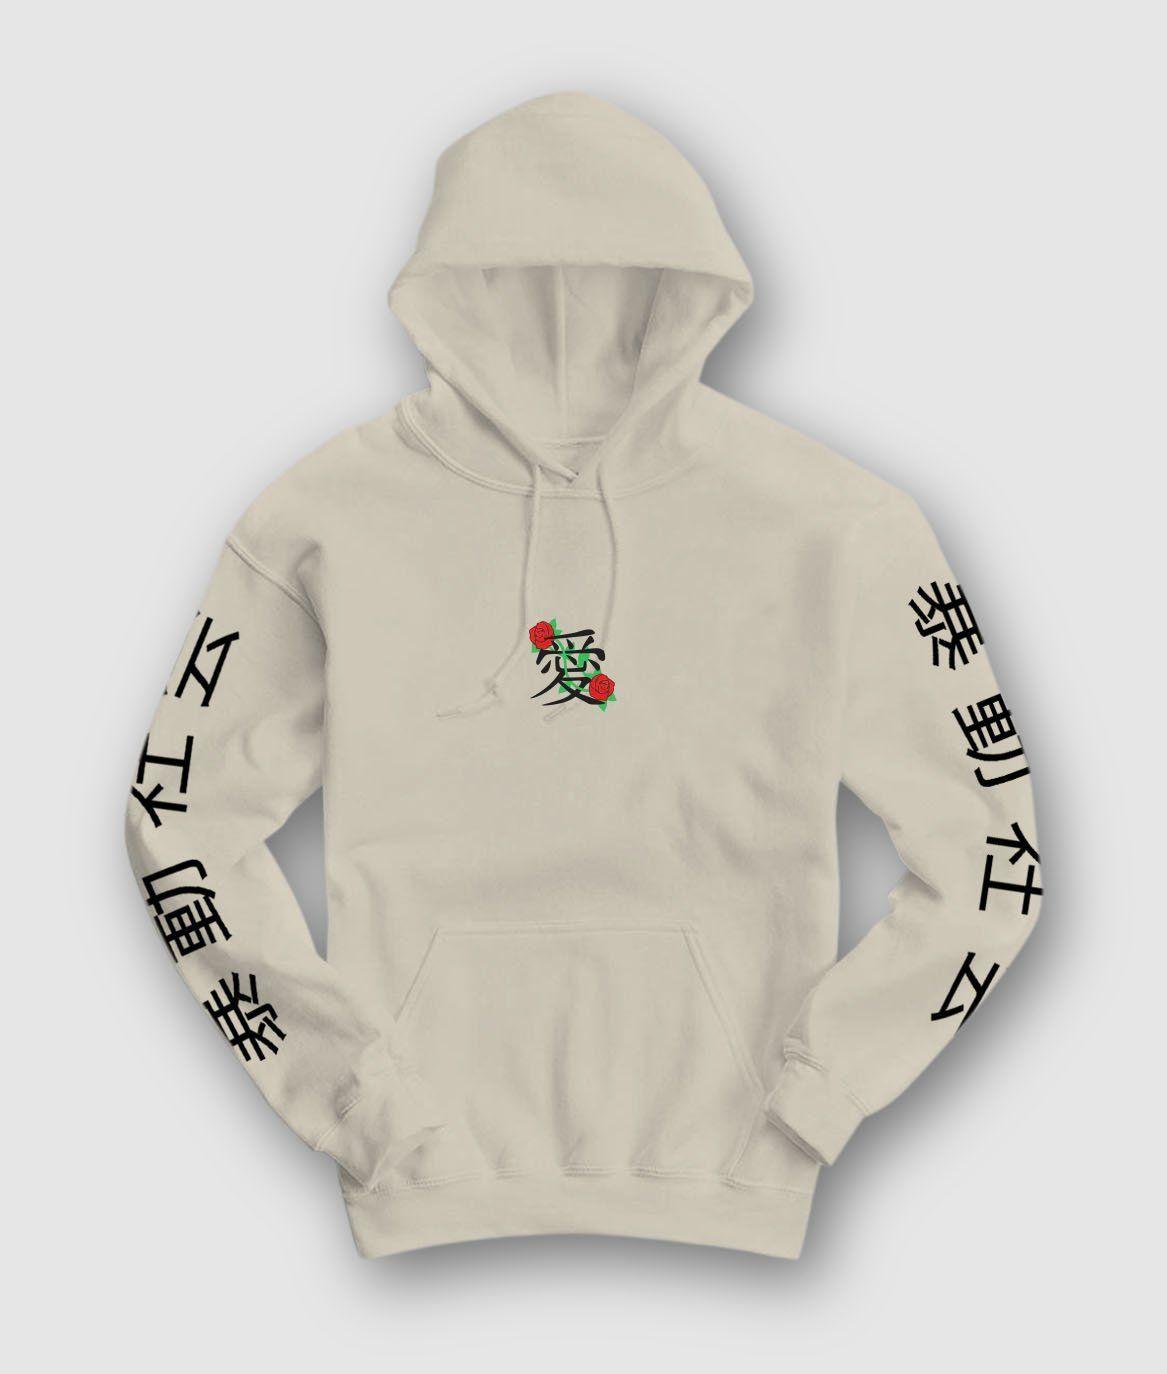 Kanji Love Embroidered Mens Hoodie Thedrop Com Hoodies Men Hoodies Hoddies Outfits Men [ 1374 x 1167 Pixel ]